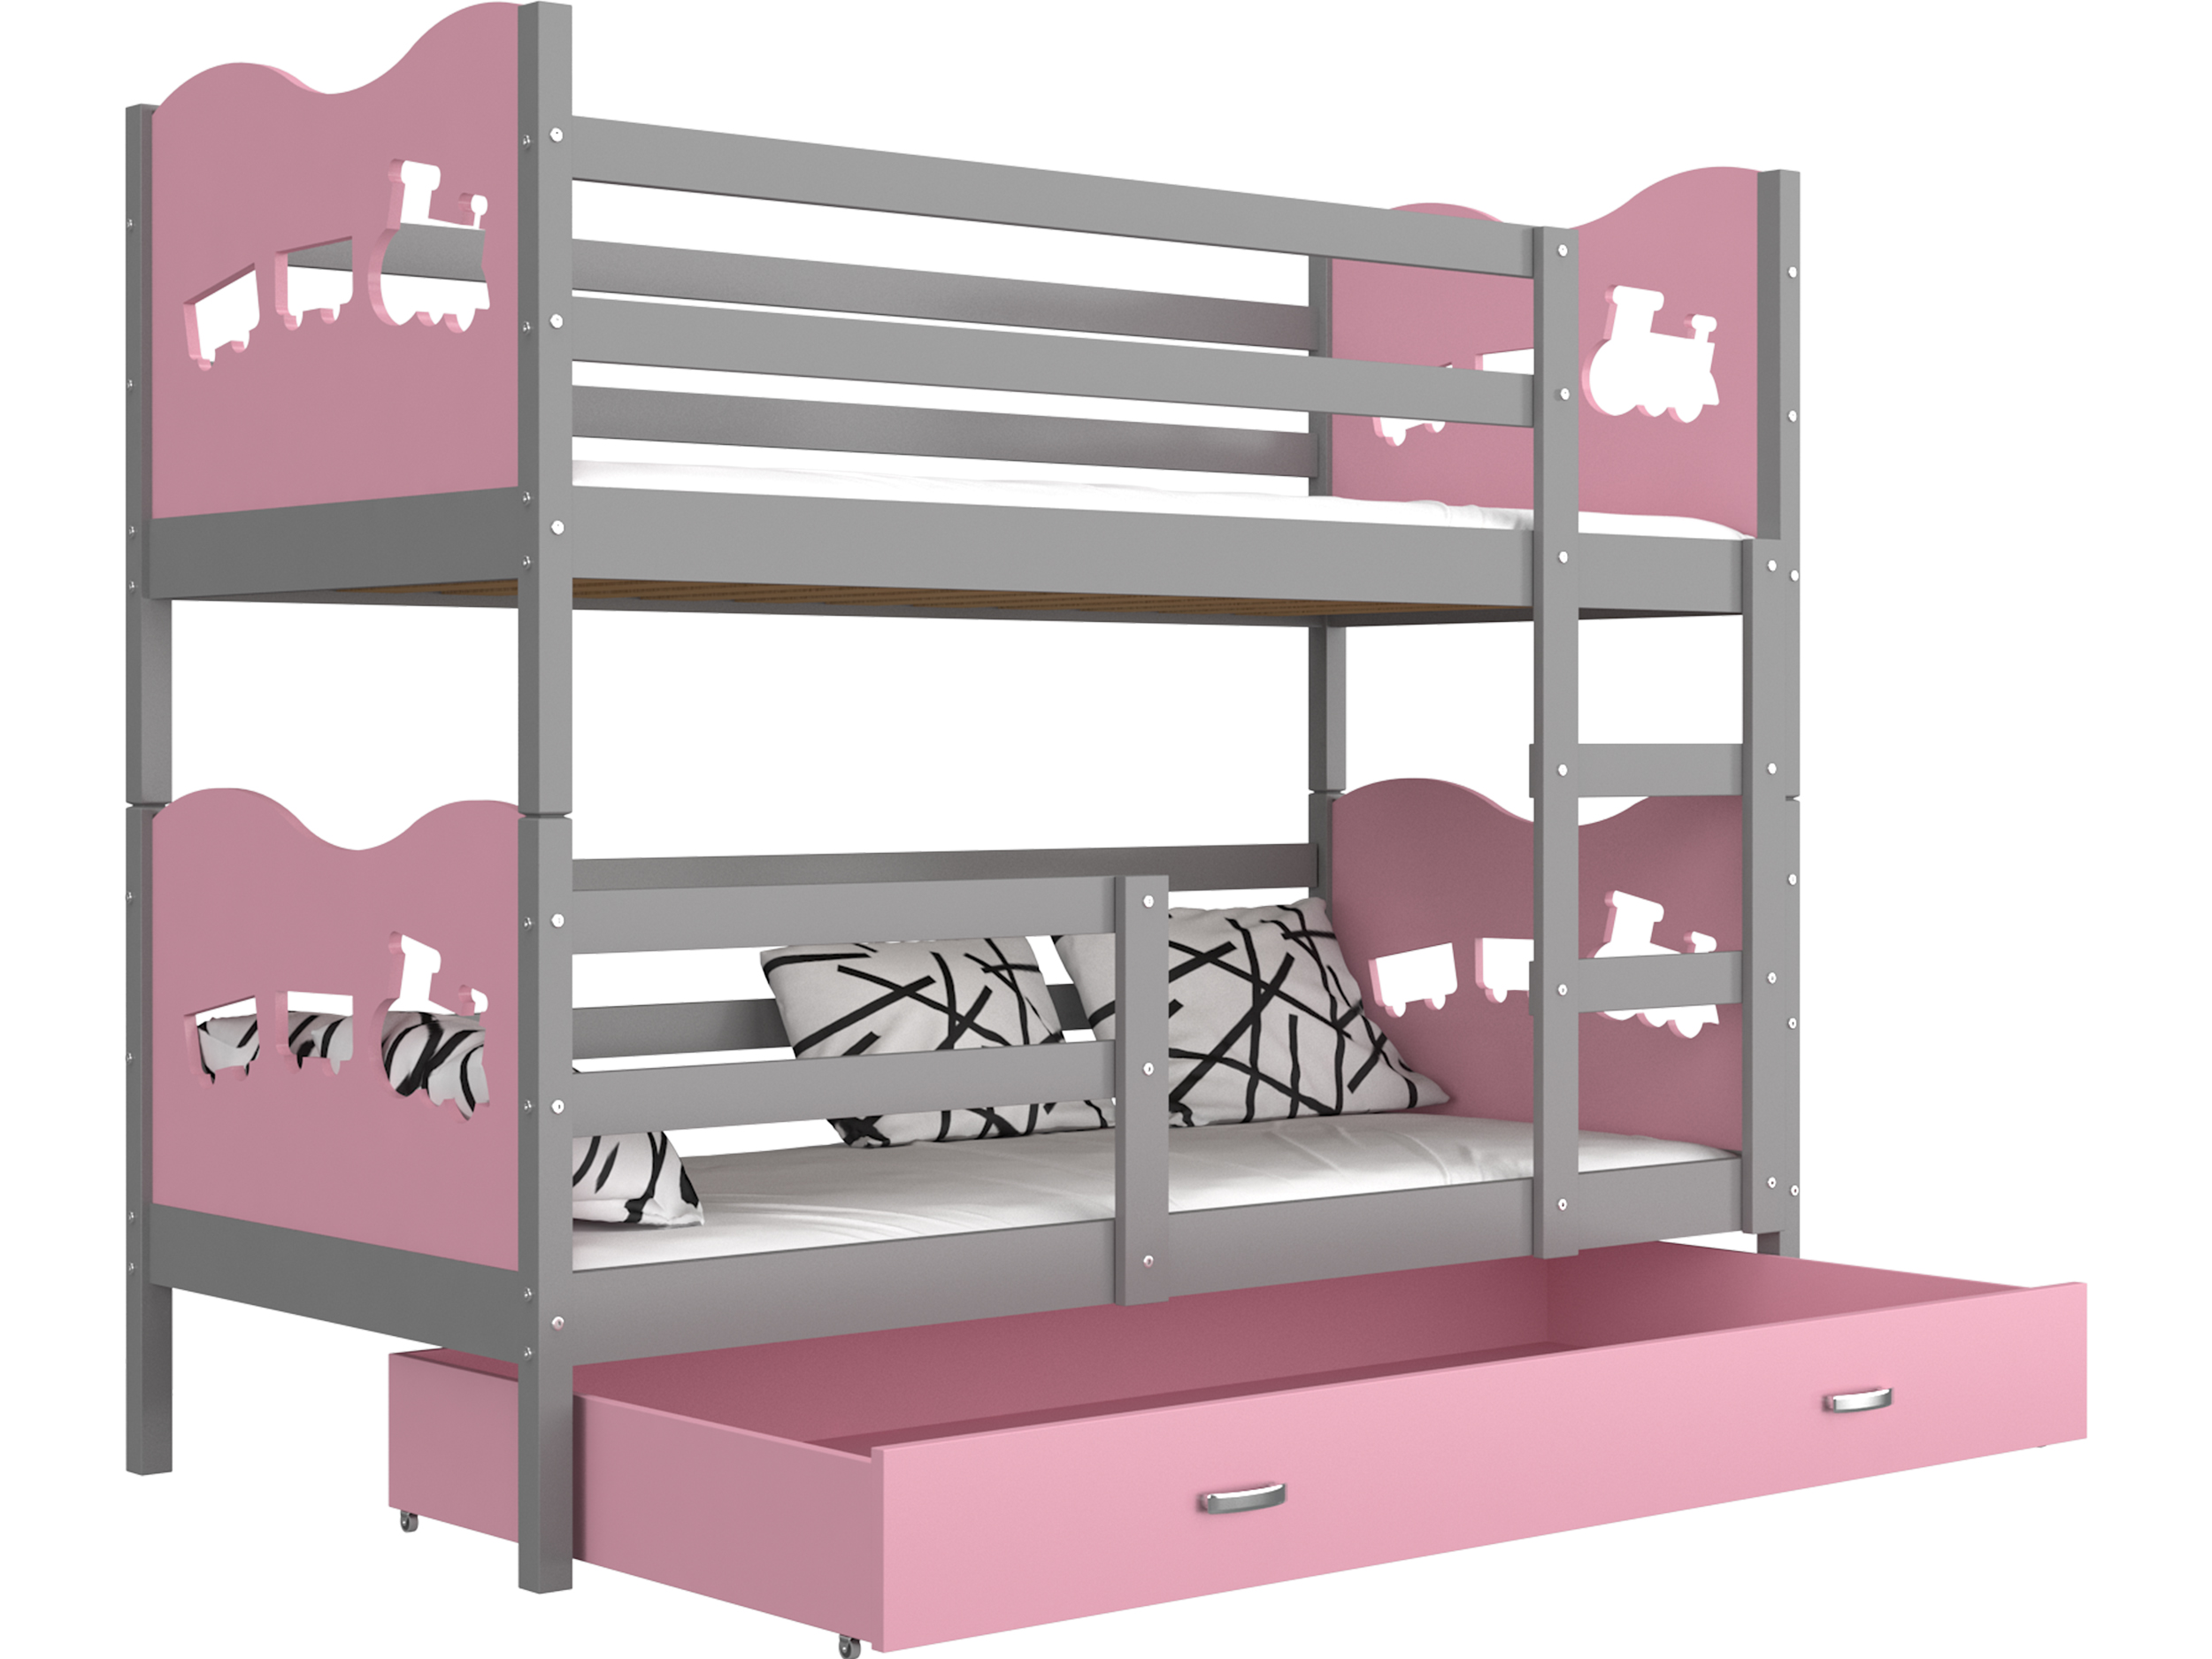 ArtAJ Detská poschodová posteľ MAX / MDF 200 x 90 cm Farba: sivá / ružová, s matracom 200 x 90 cm